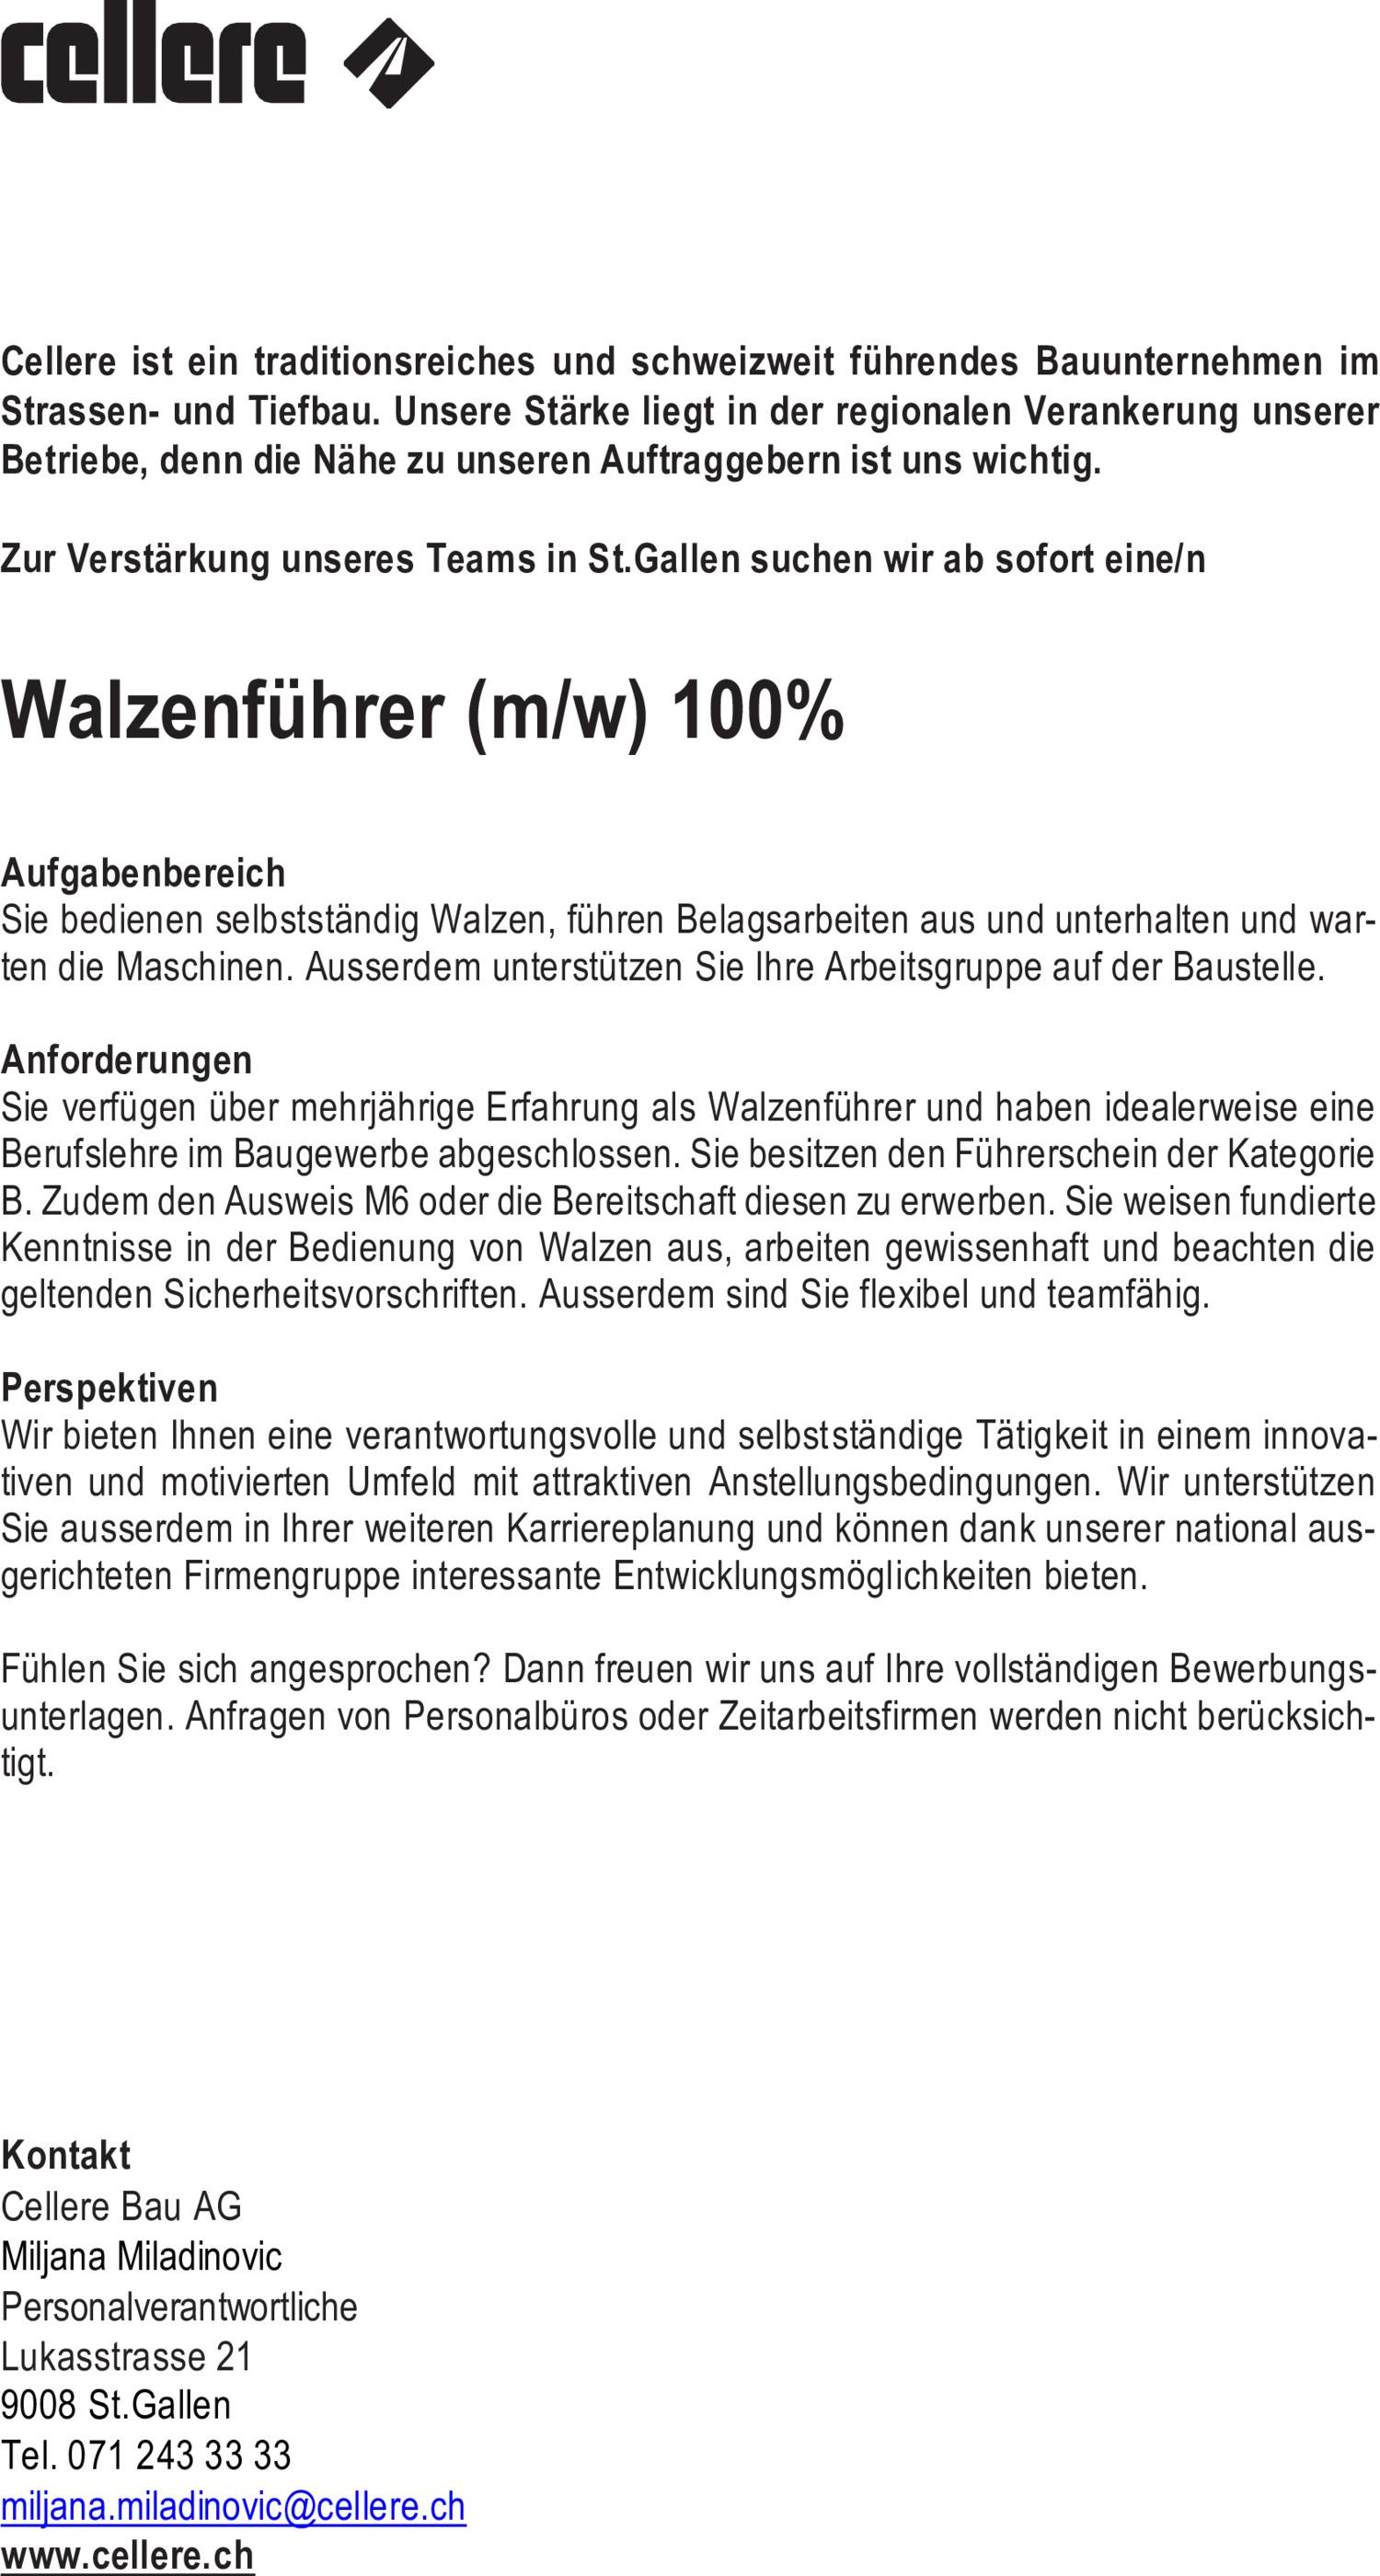 Inserat Walzenführer (m/w) 100%